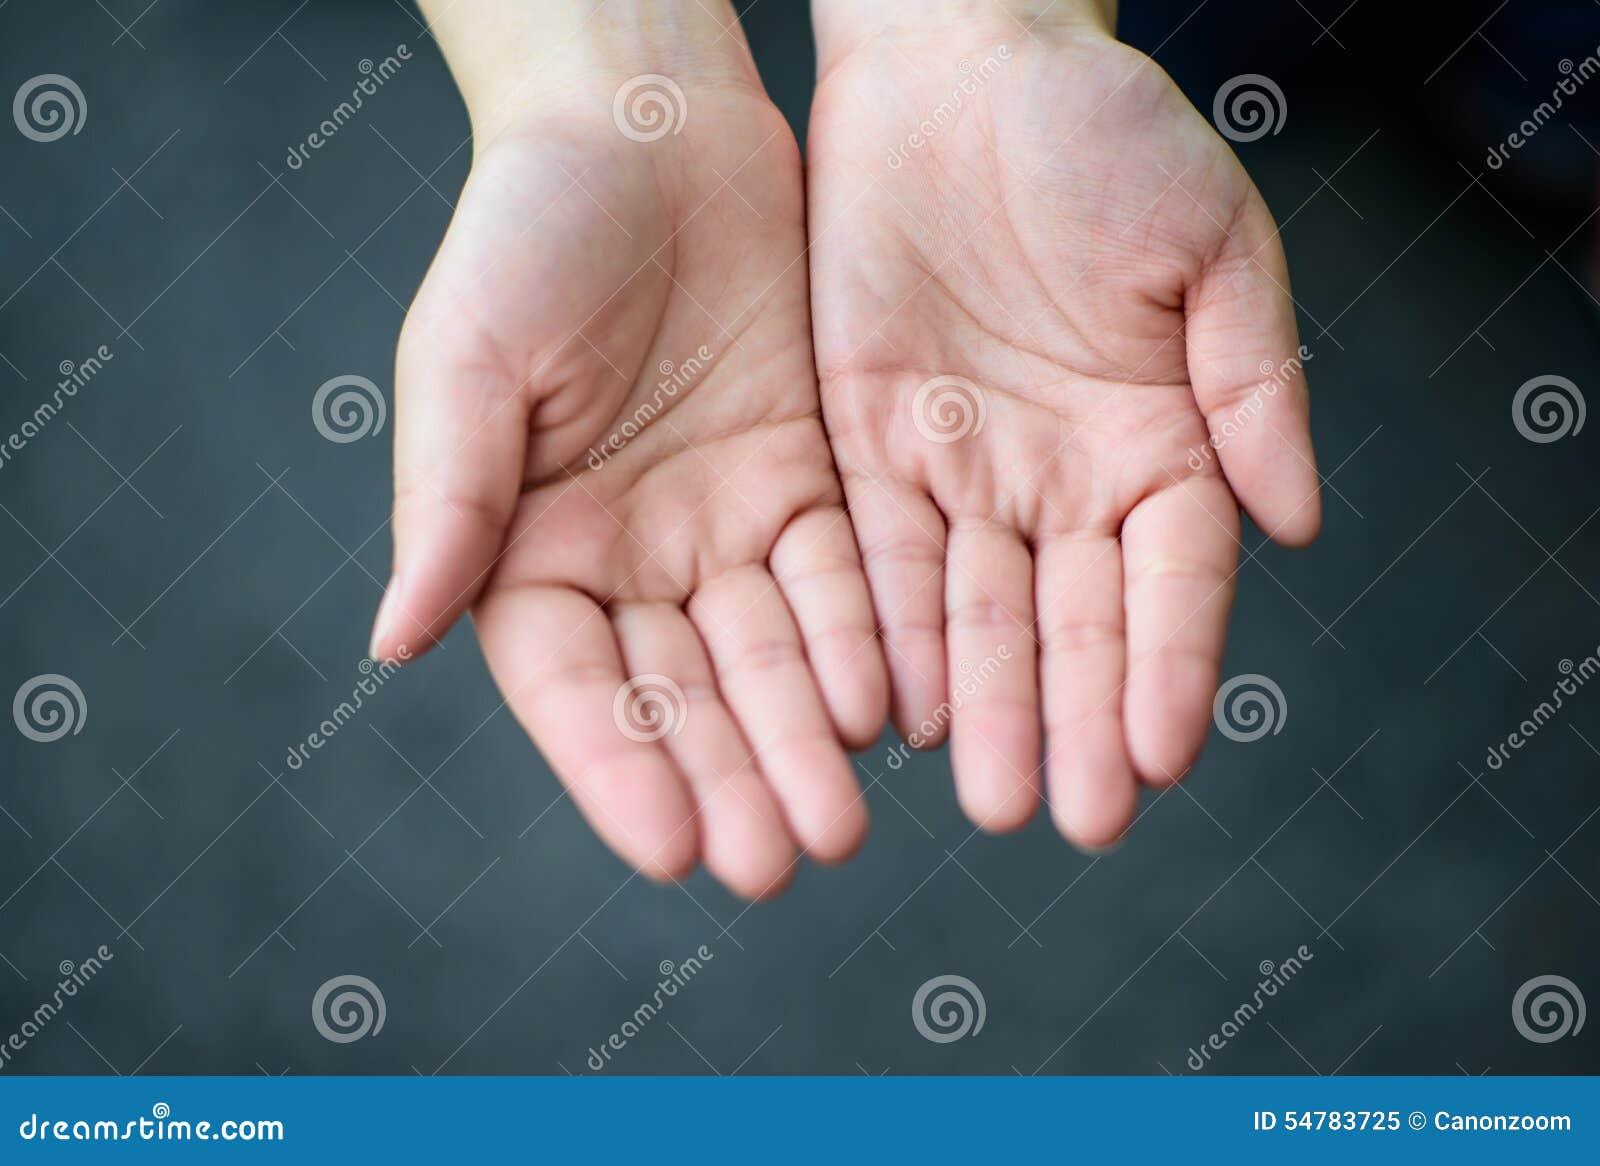 Las manos abiertas de la mujer, se enfocan a mano